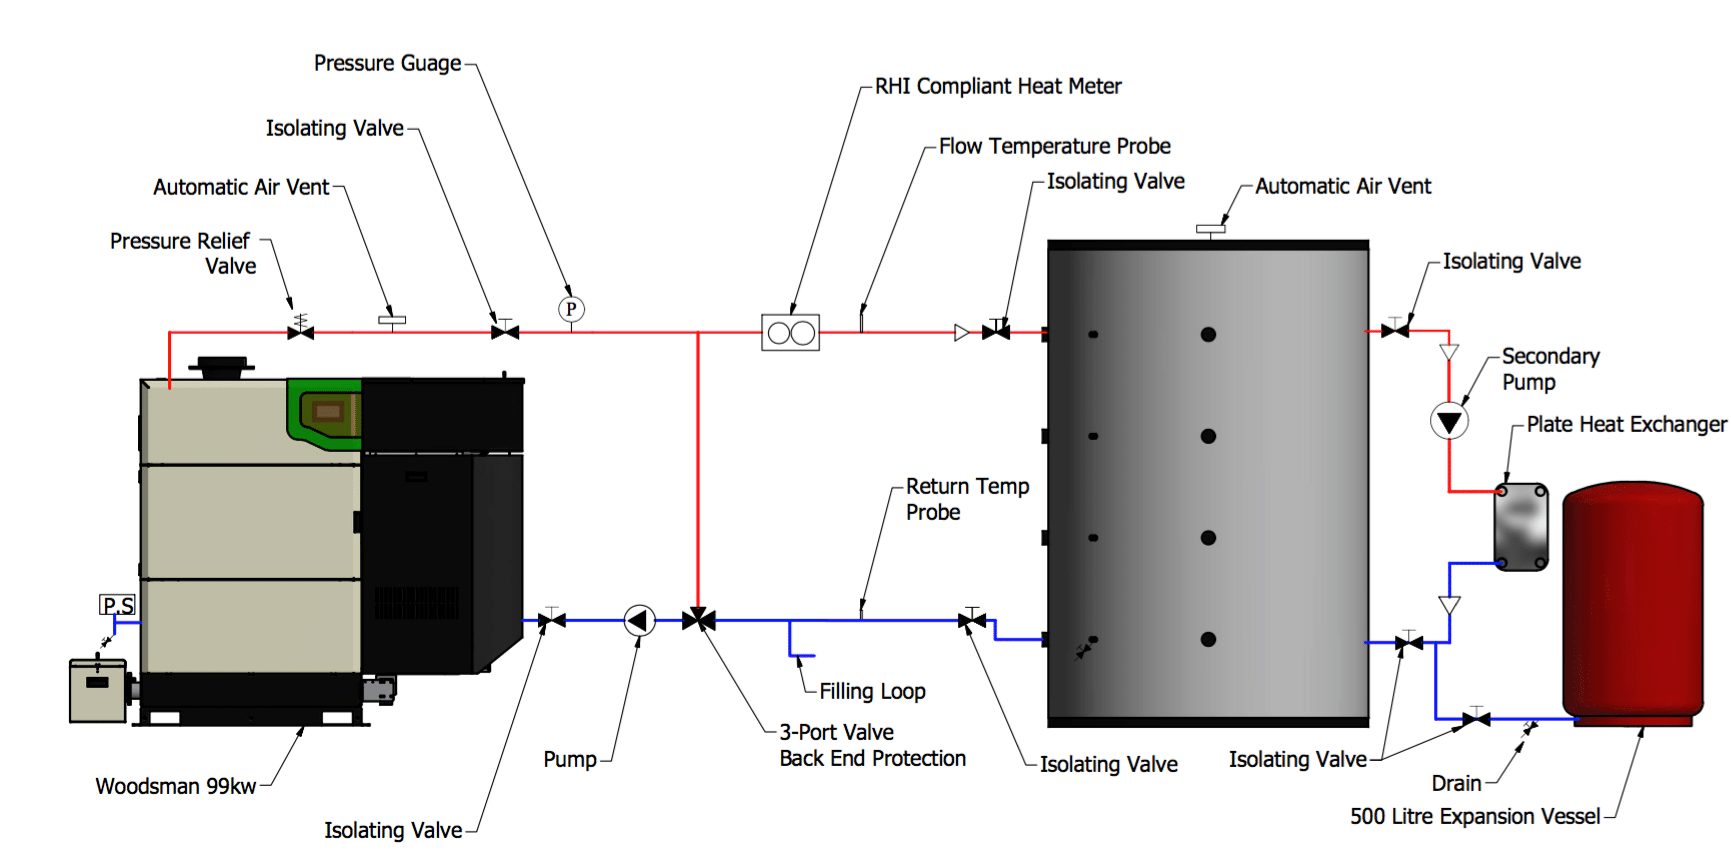 norfolk schematics, bristol schematics, biomass boilers, green energy